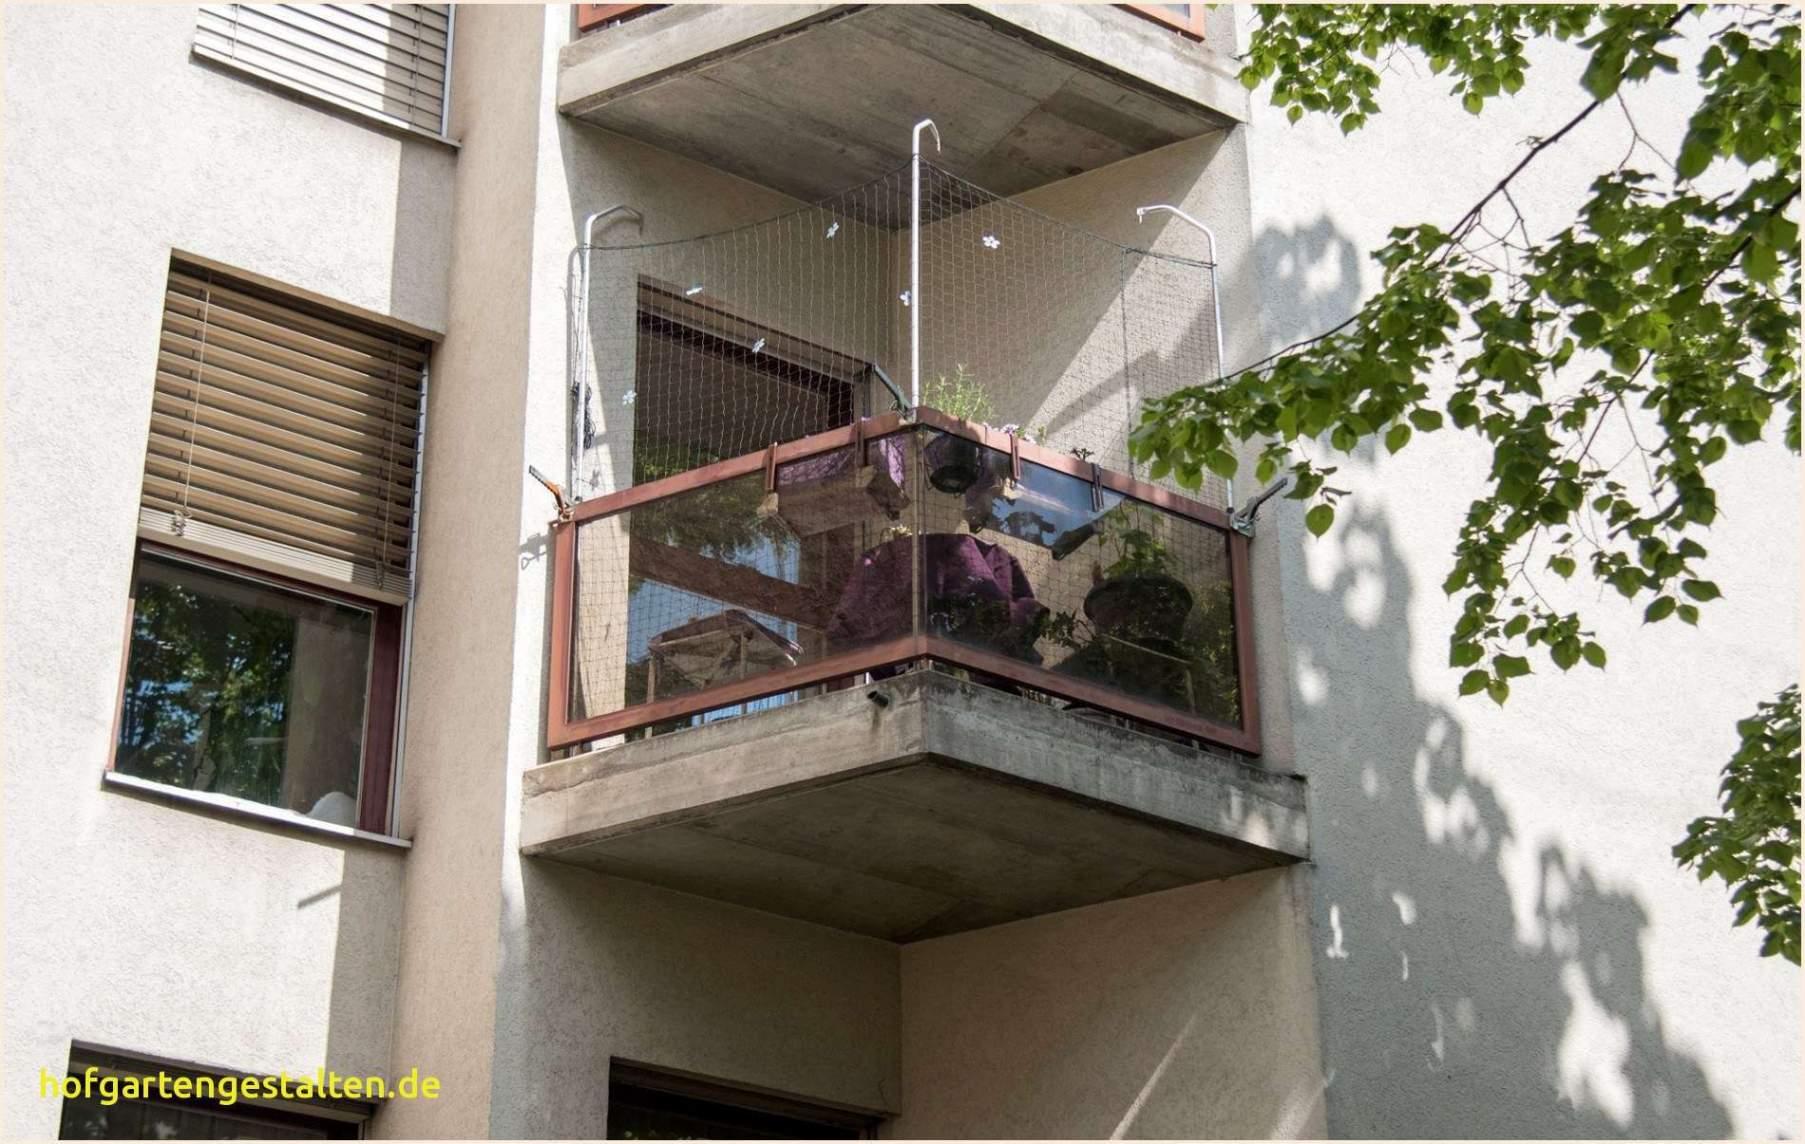 42 frisch balkon sichtschutz weis grafik gardine fur tur mit glaseinsatz gardine fur tur mit glaseinsatz 2